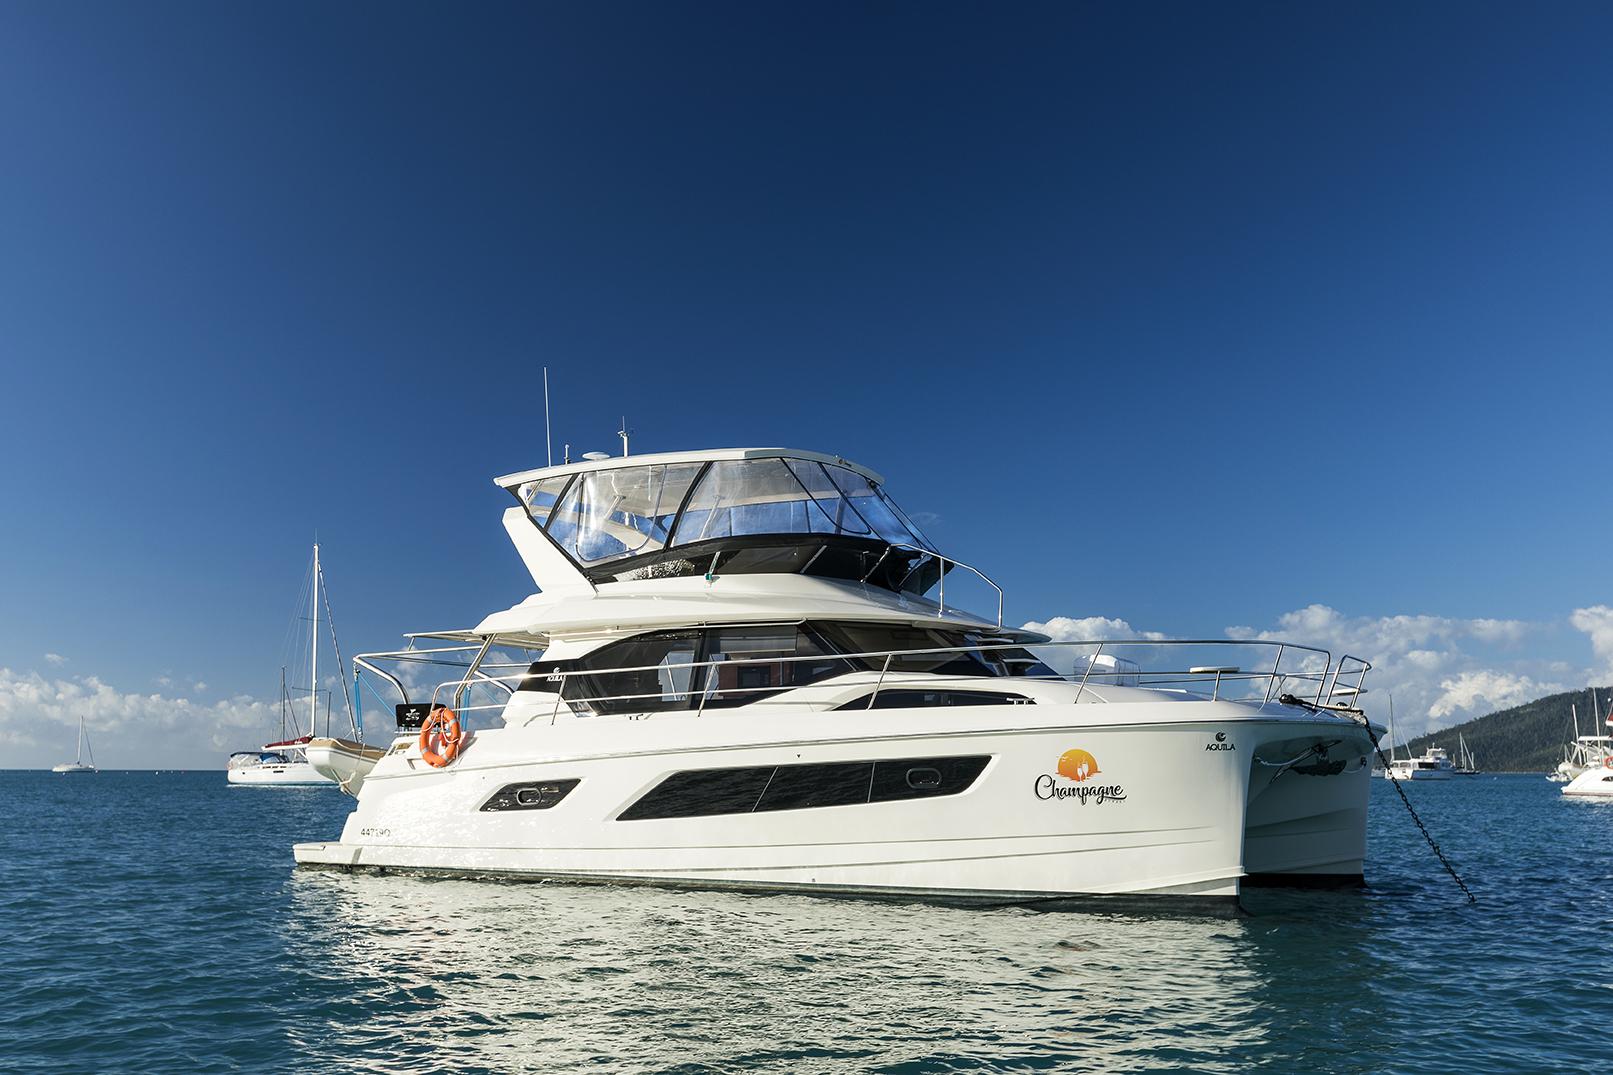 Champagne Sunset - Aquila 44, Luxury Yachts Whitsundays